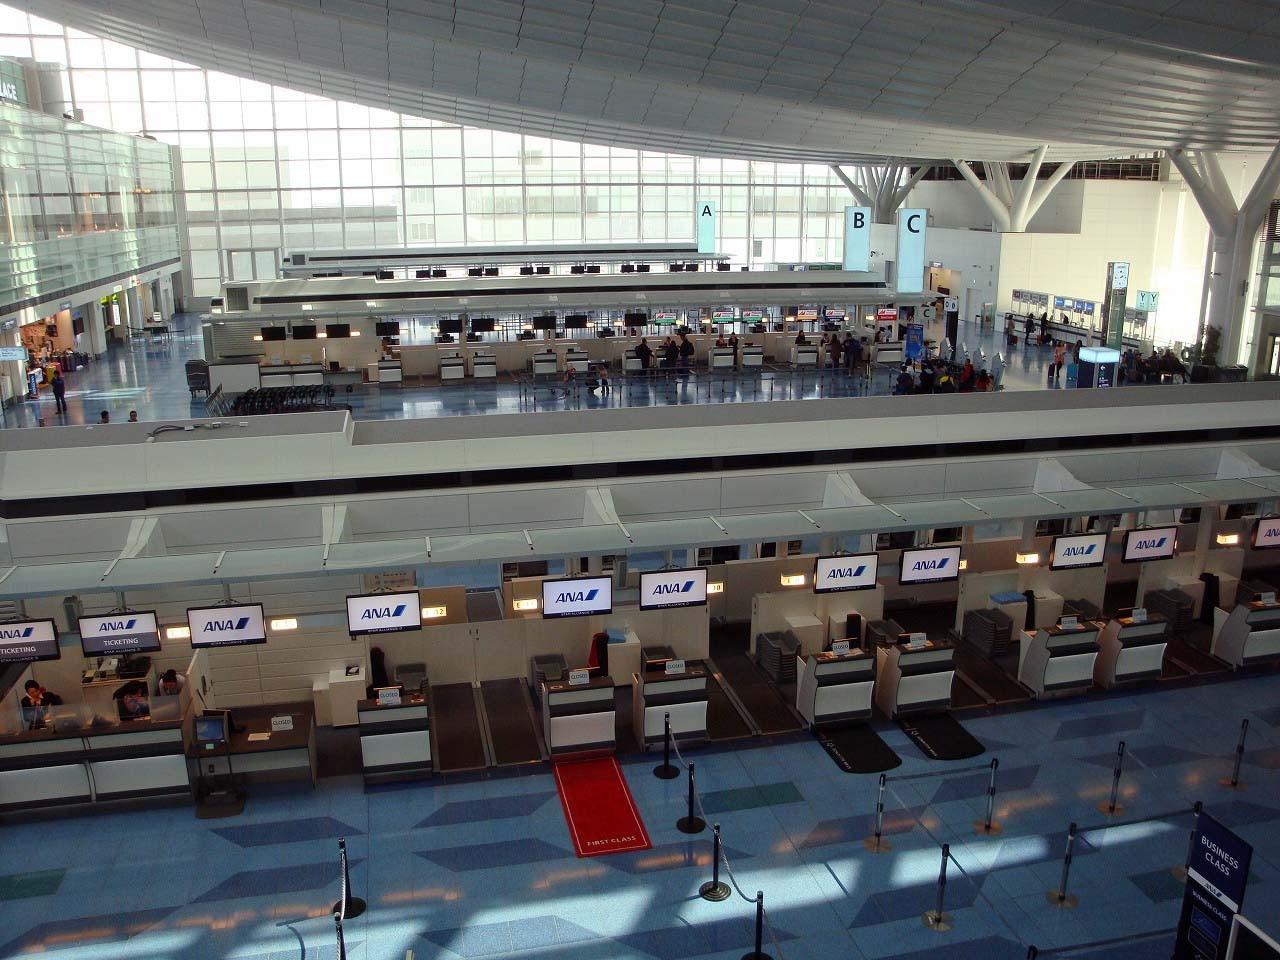 まだ成田空港のように人は多くないみたい